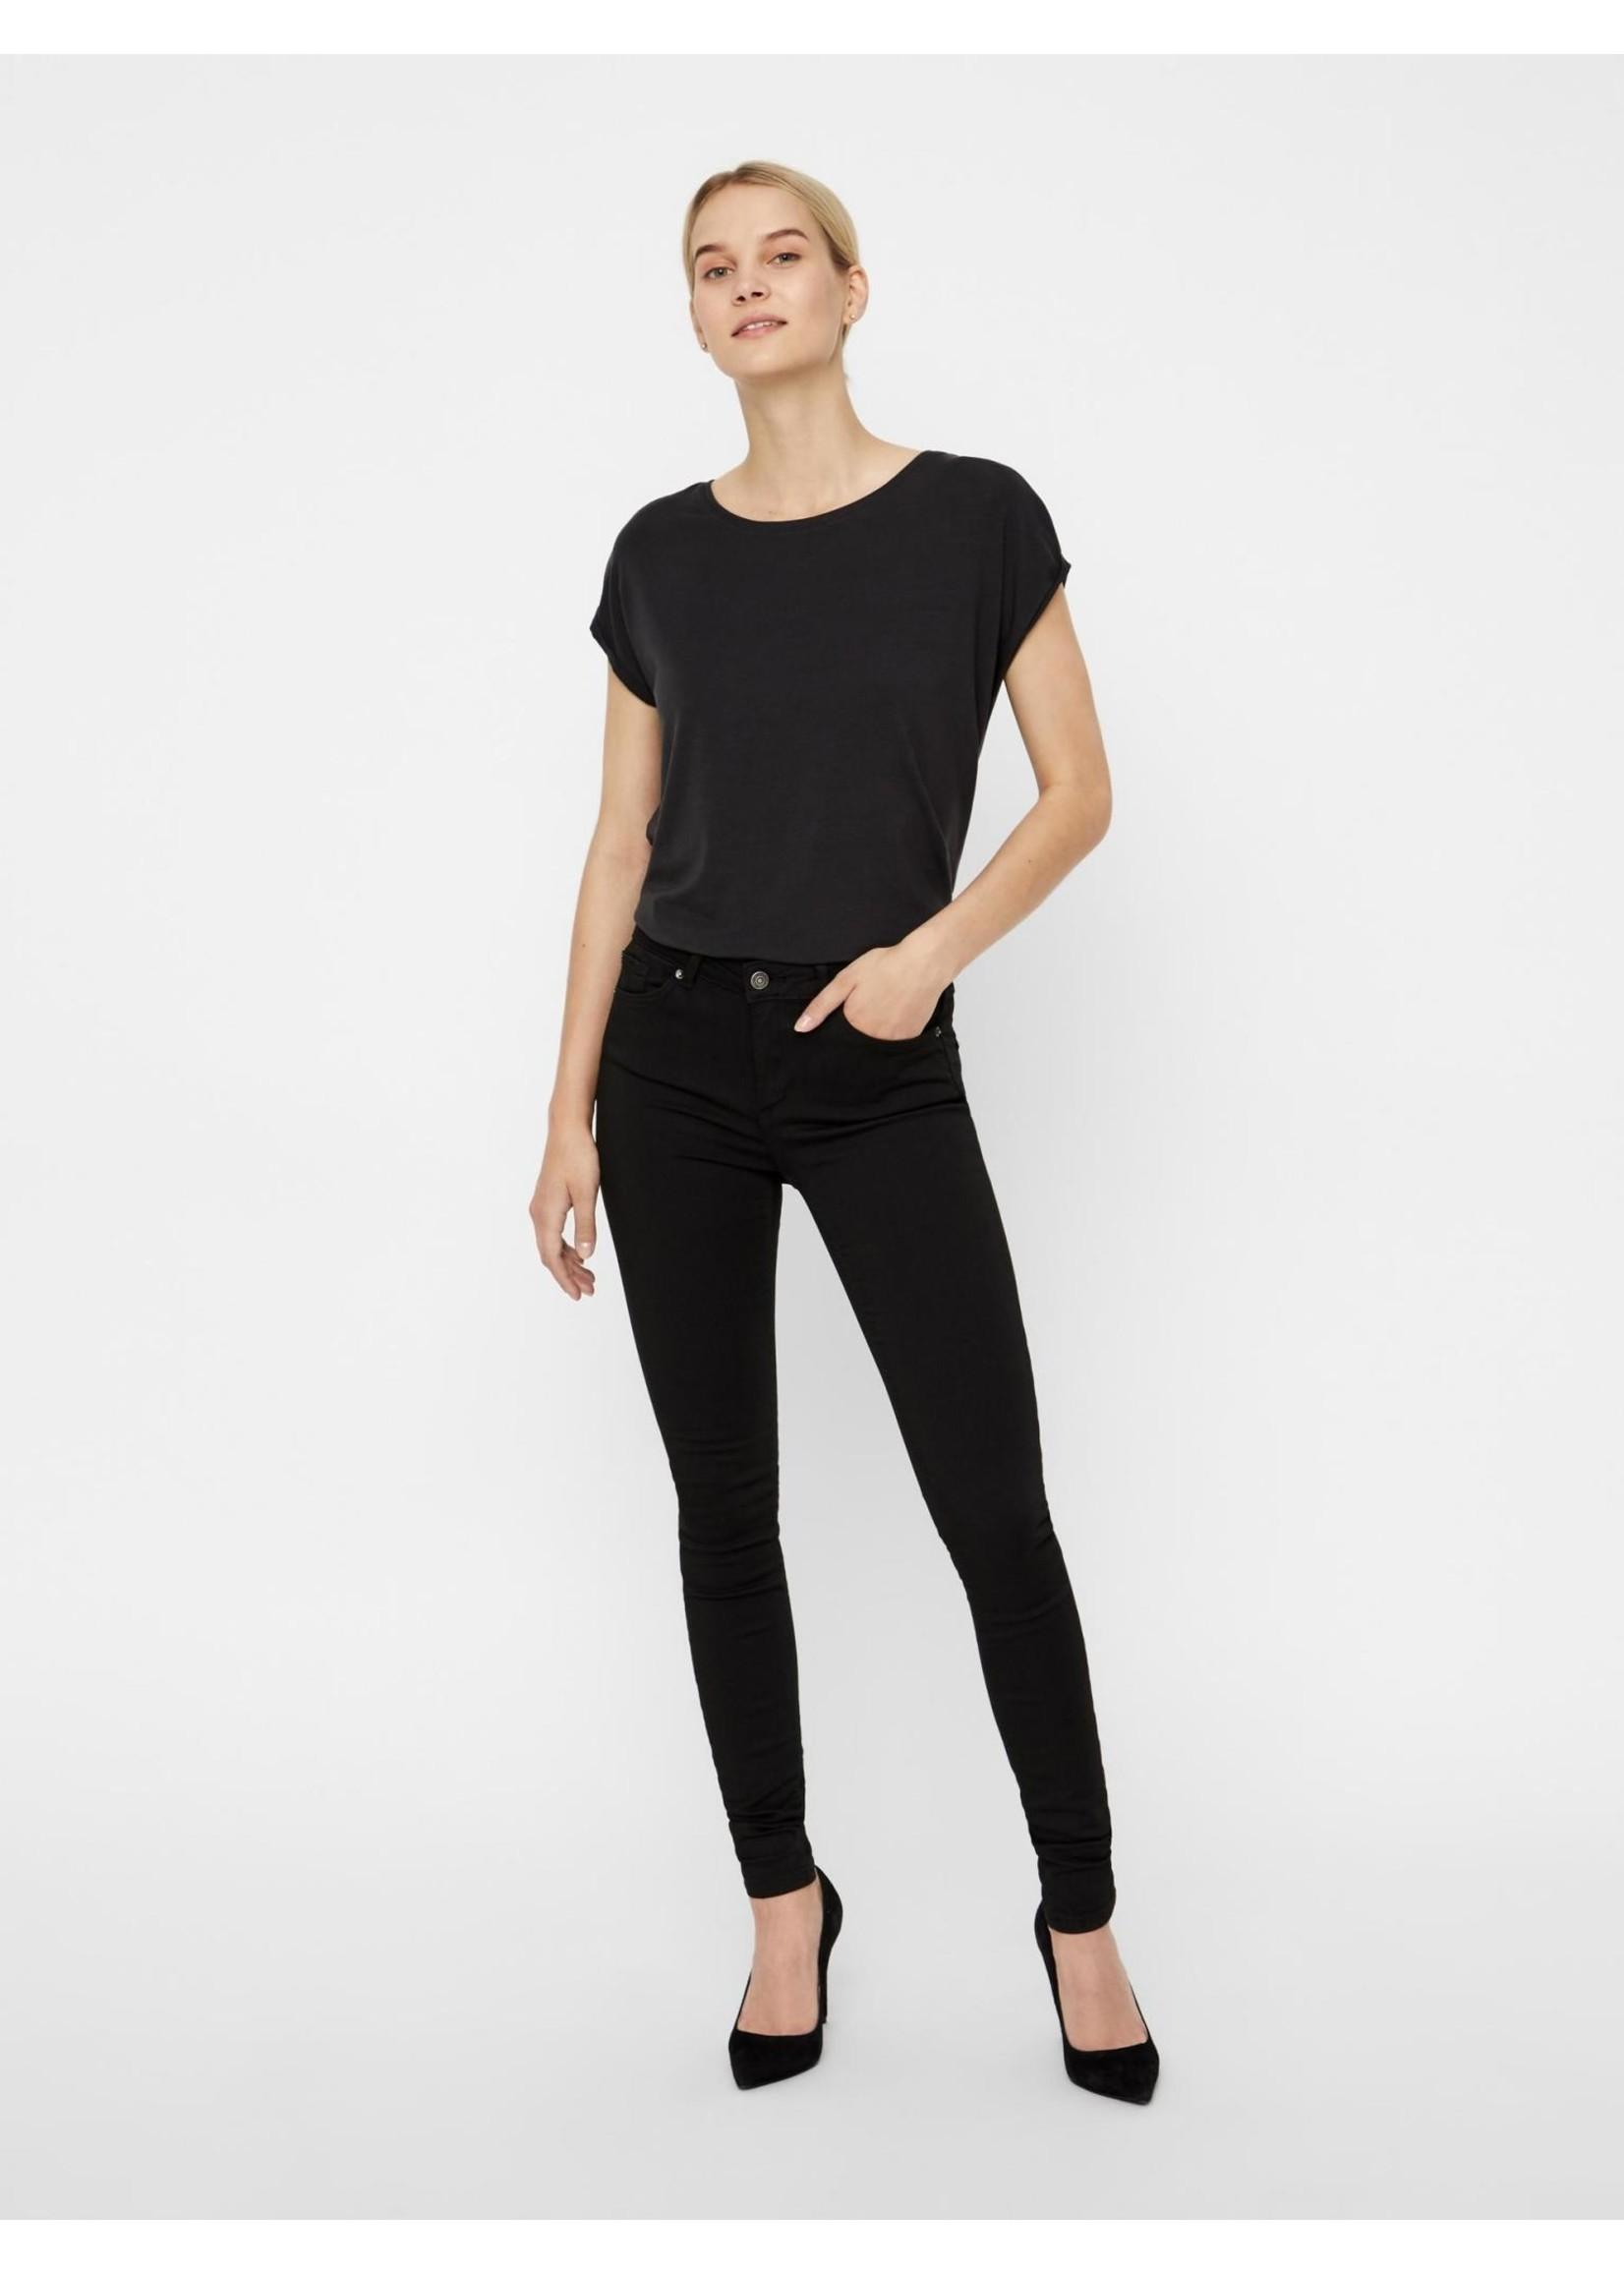 VERO MODA Lux NW super s Jeans Black